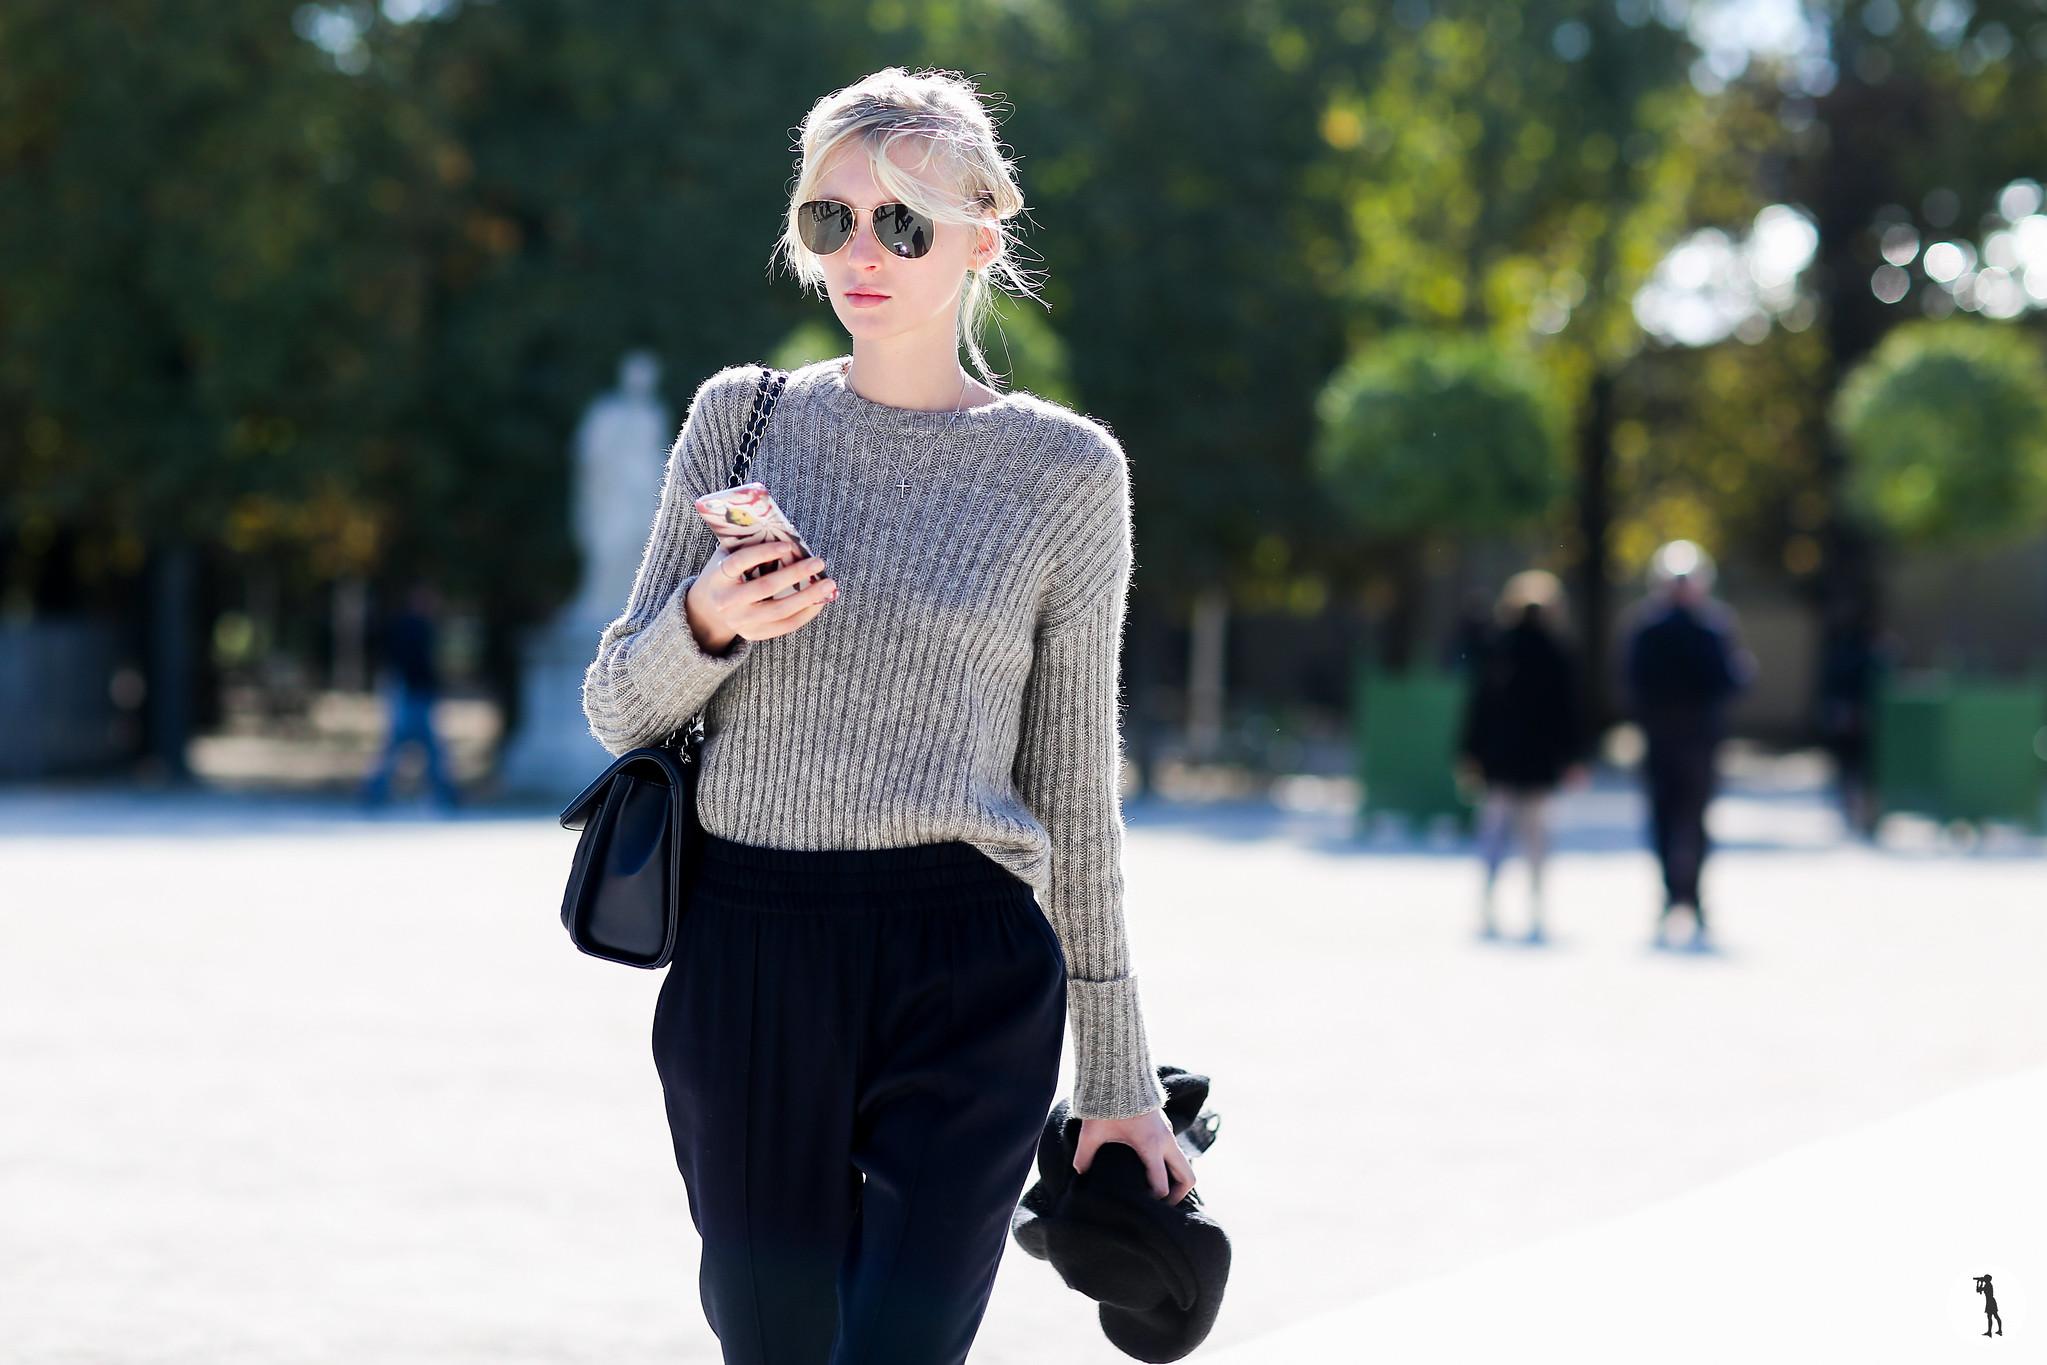 Model at Paris Fashion Week